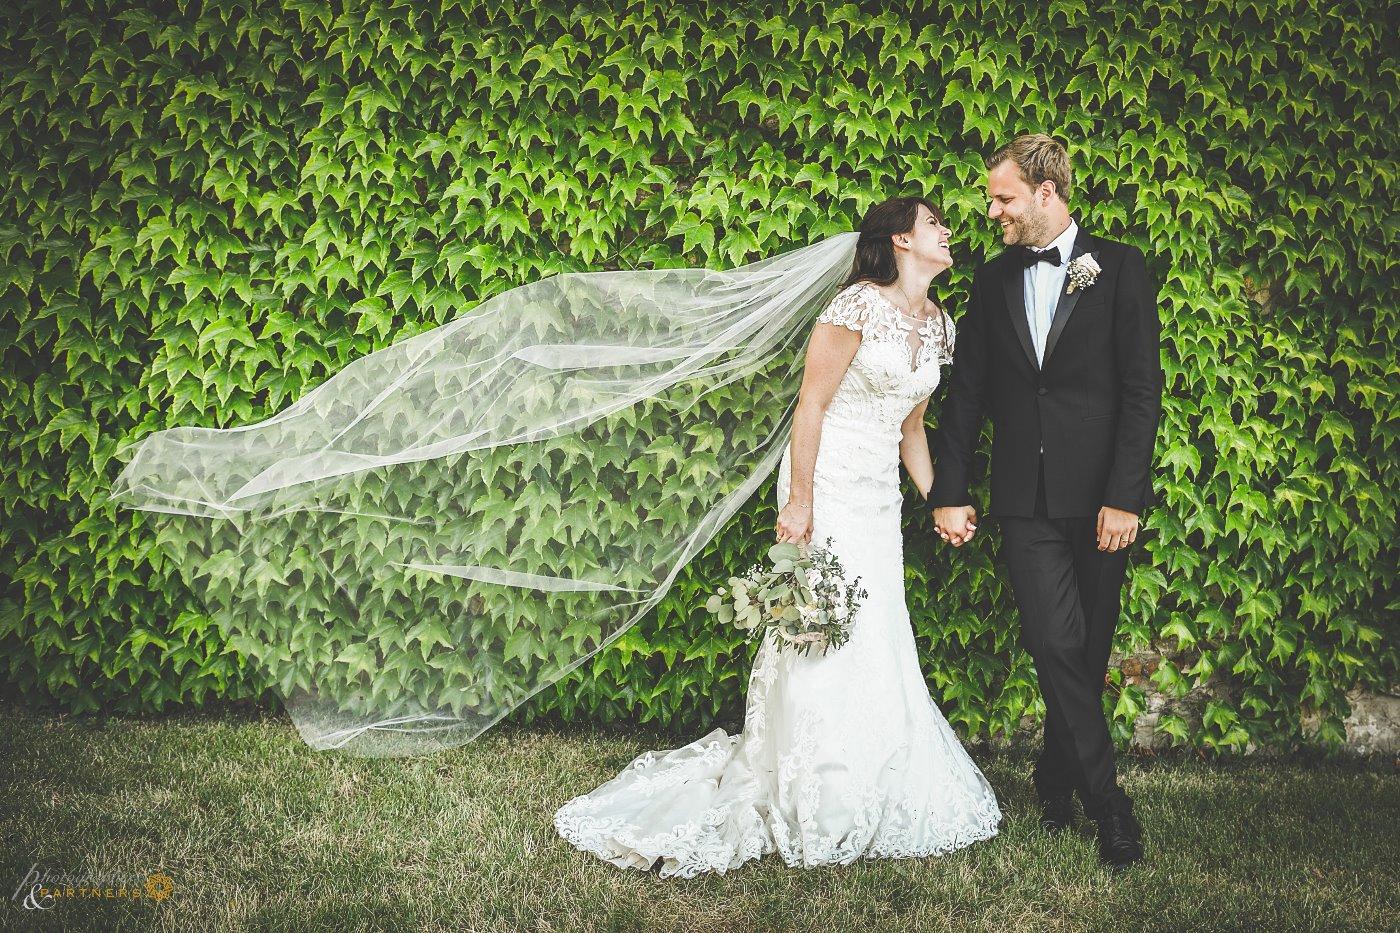 wedding_photos_borgo_castelvecchio_15.jpg